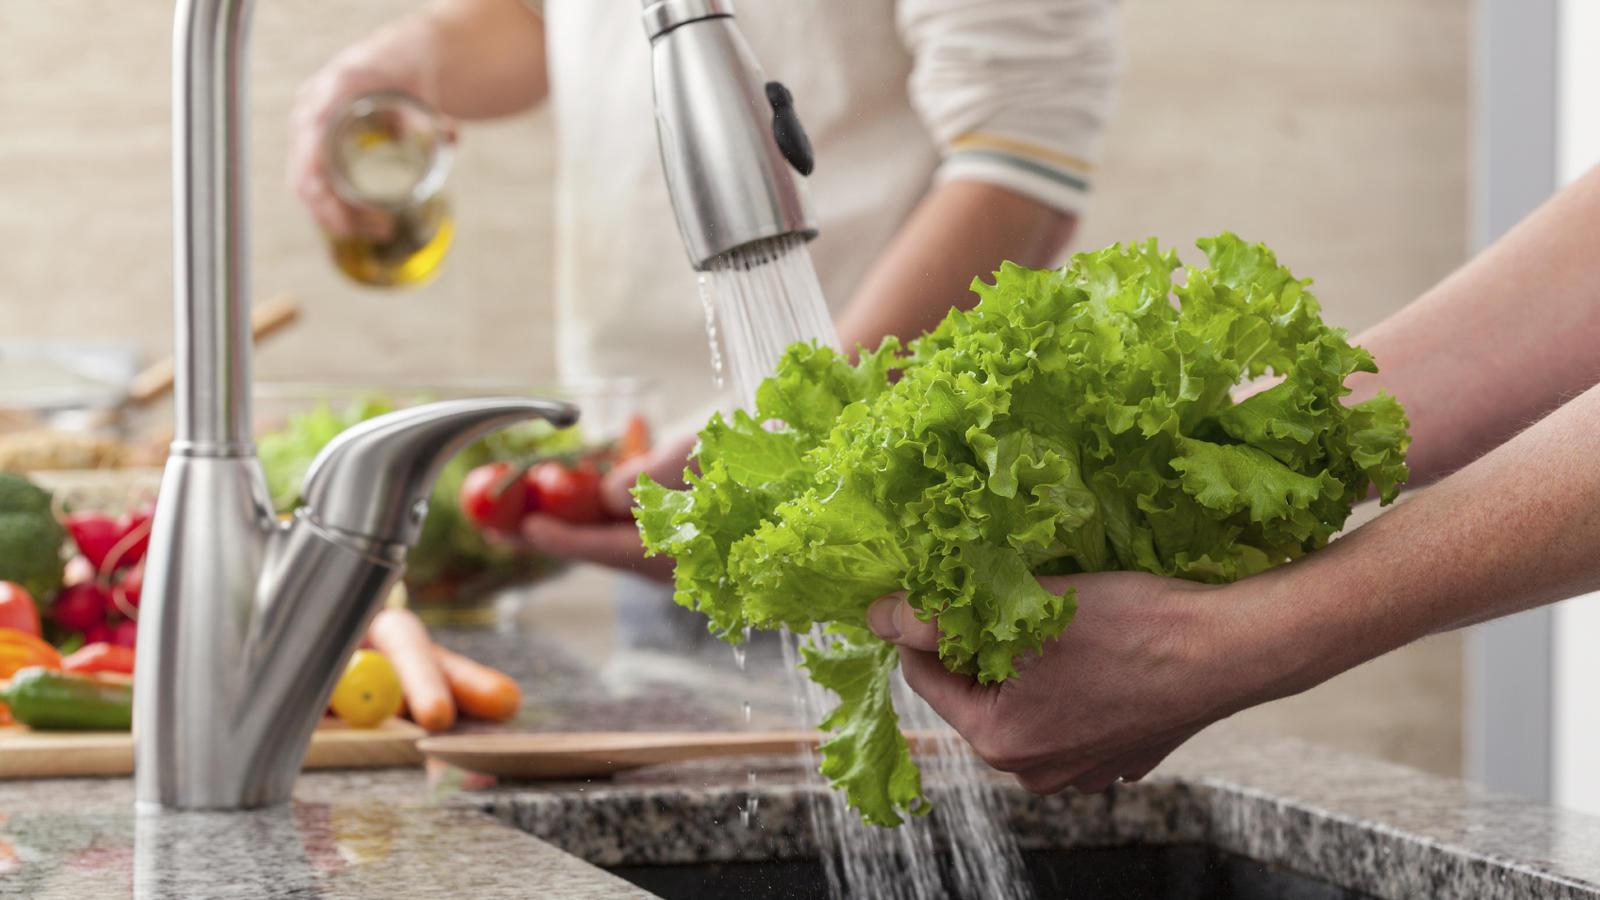 Gemüse,waschen,Paprika,Wasserhahn,Reinigung,Lebensmittel,Gesundheit,Hygiene,Küche